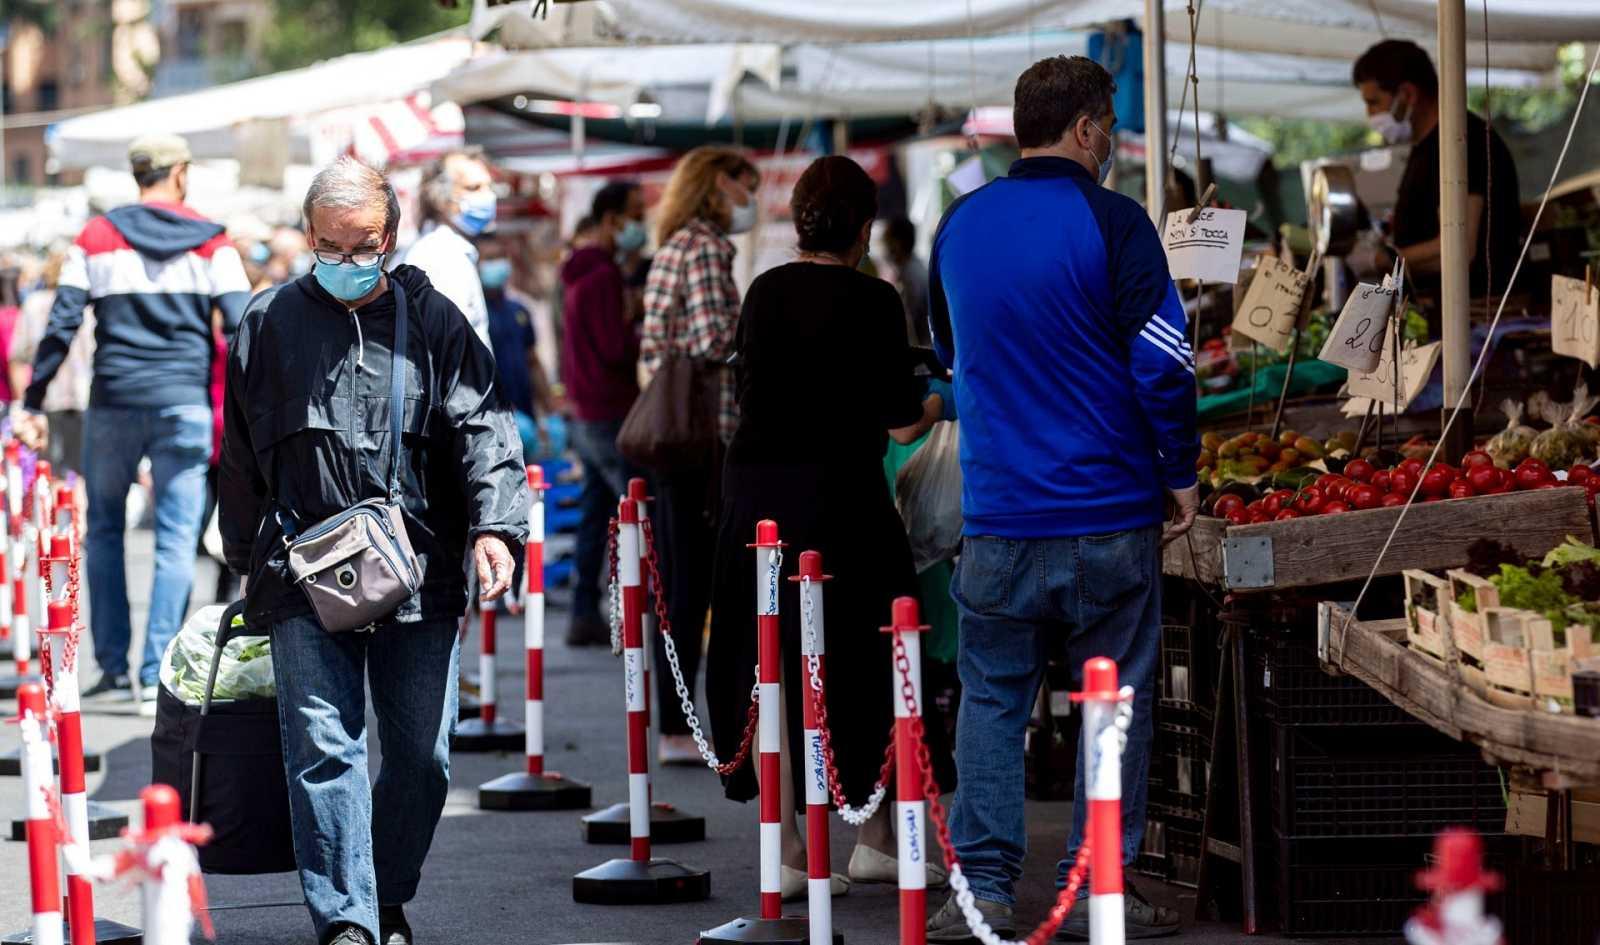 Compras en un mercado al aire libre este martes en Roma